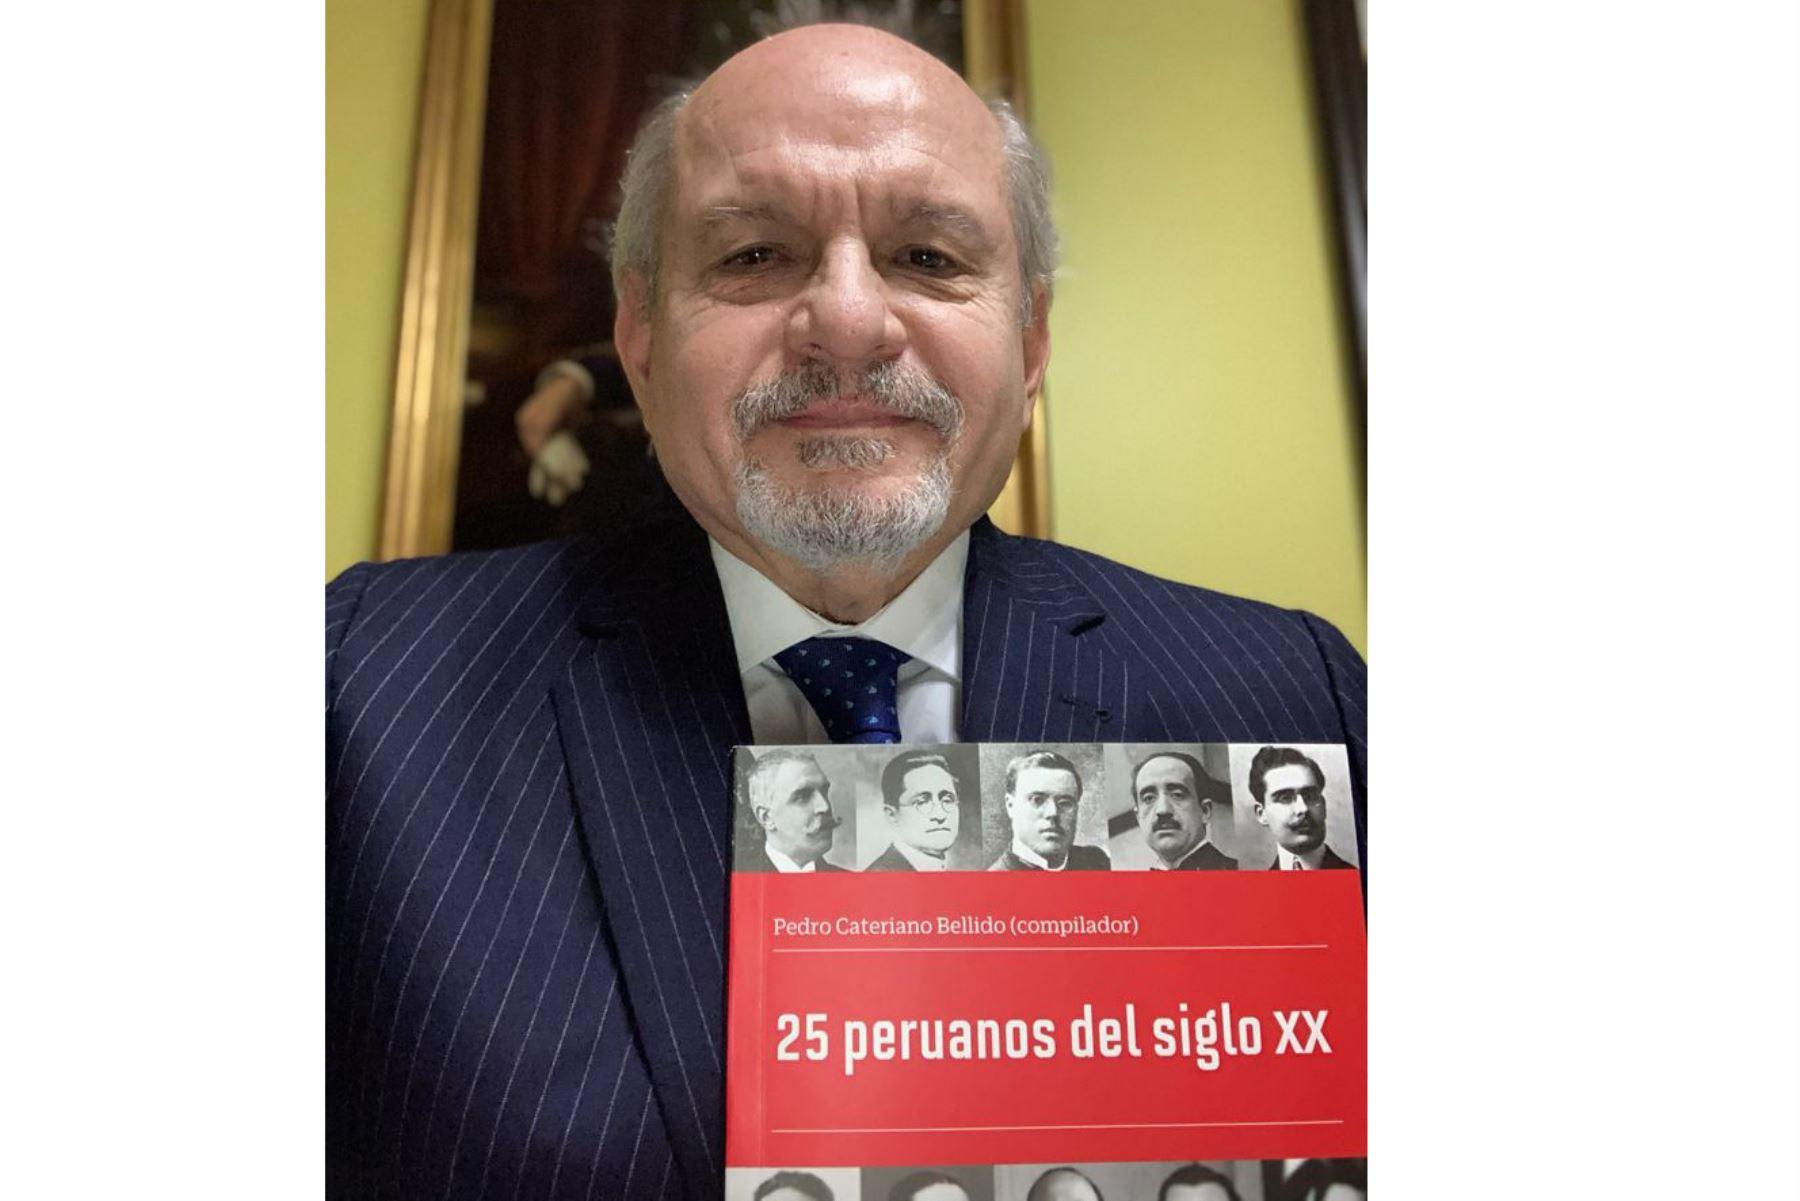 """Pedro Cateriano:  """"En este libro los personajes  prueban su fe en el Perú"""""""